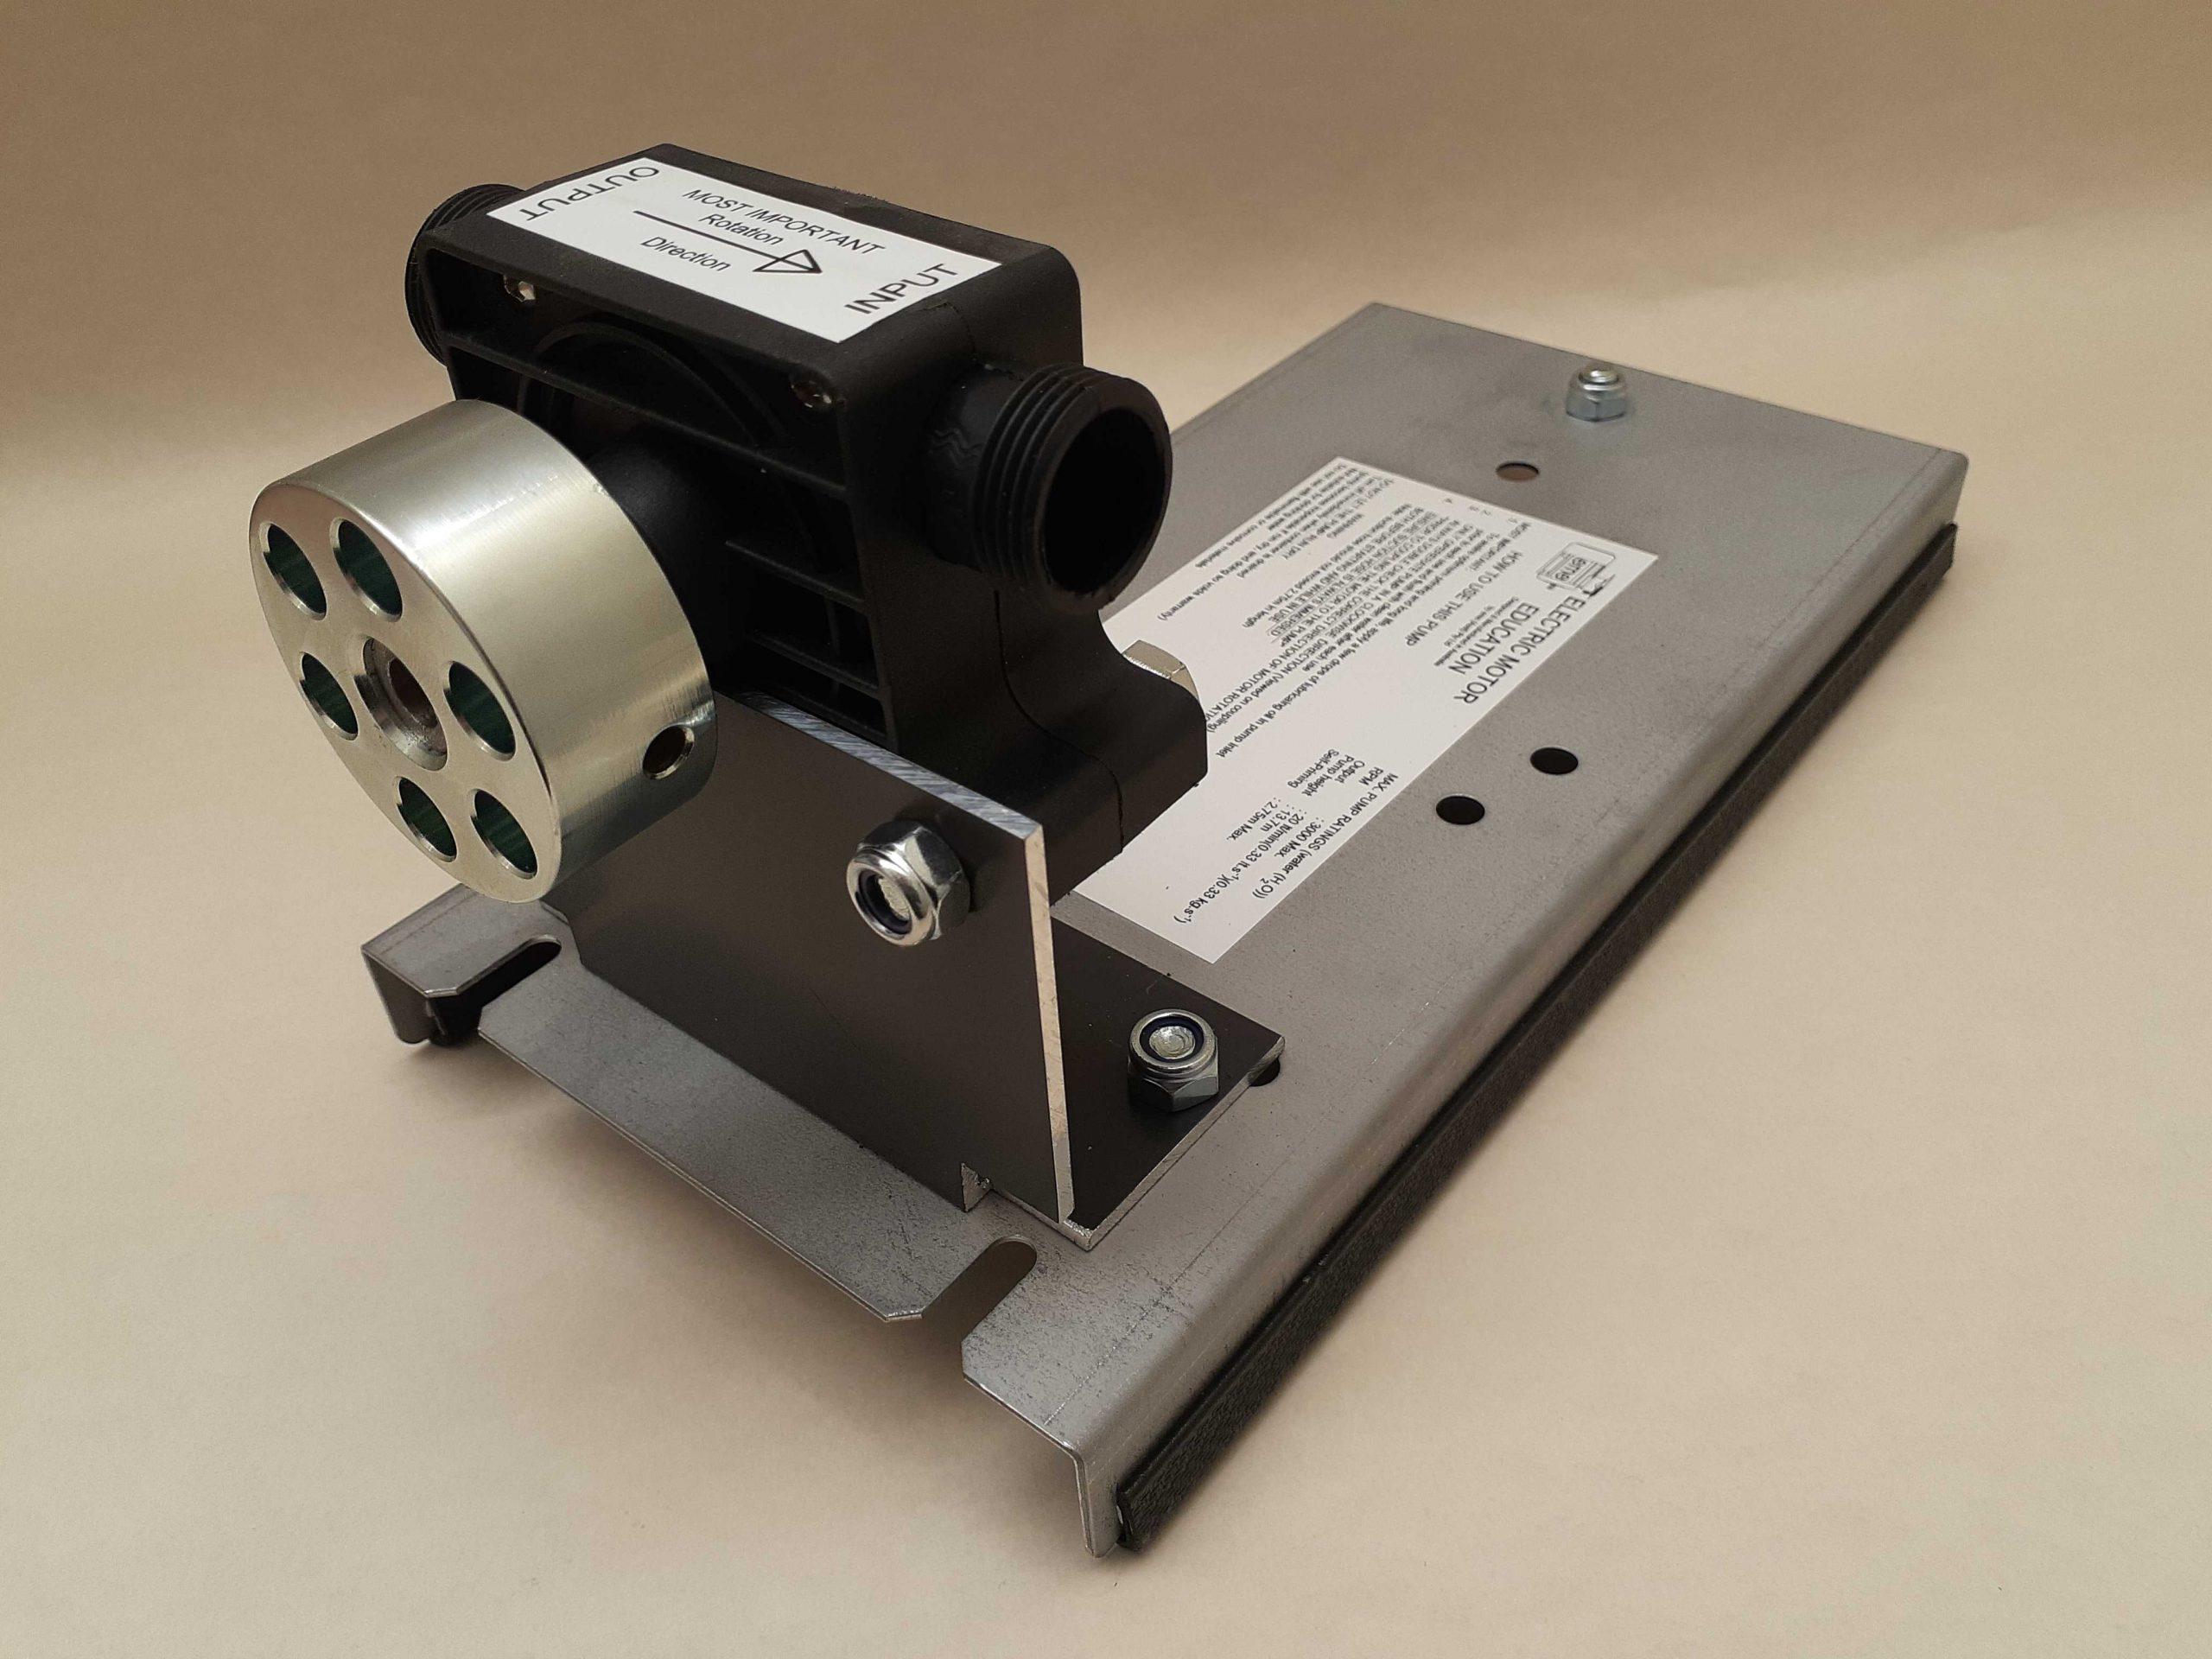 SPDP01: Water Pump Module Image